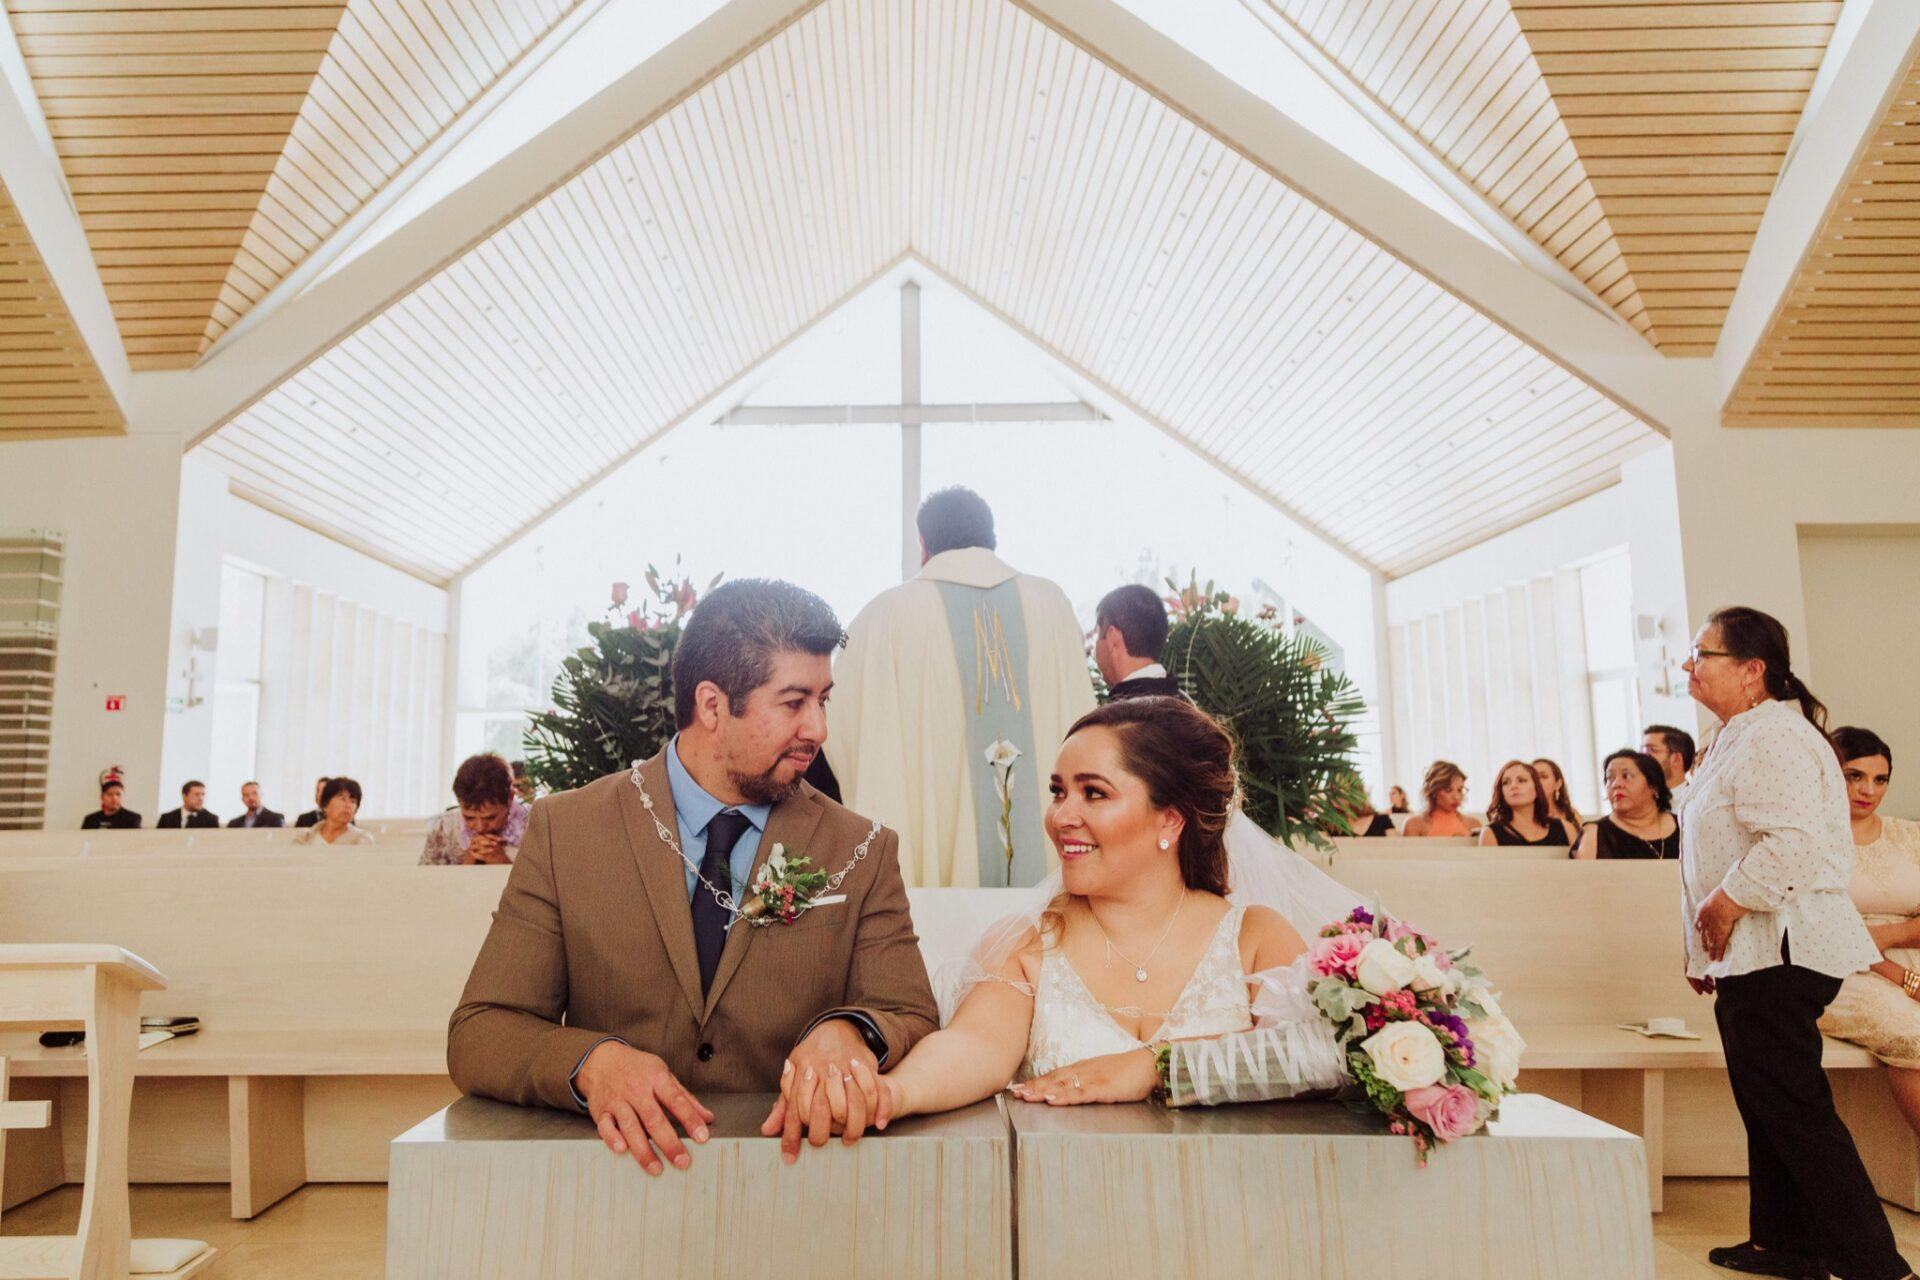 javier_noriega_fotografo_bodas_los_gaviones_zacatecas_wedding_photographer10